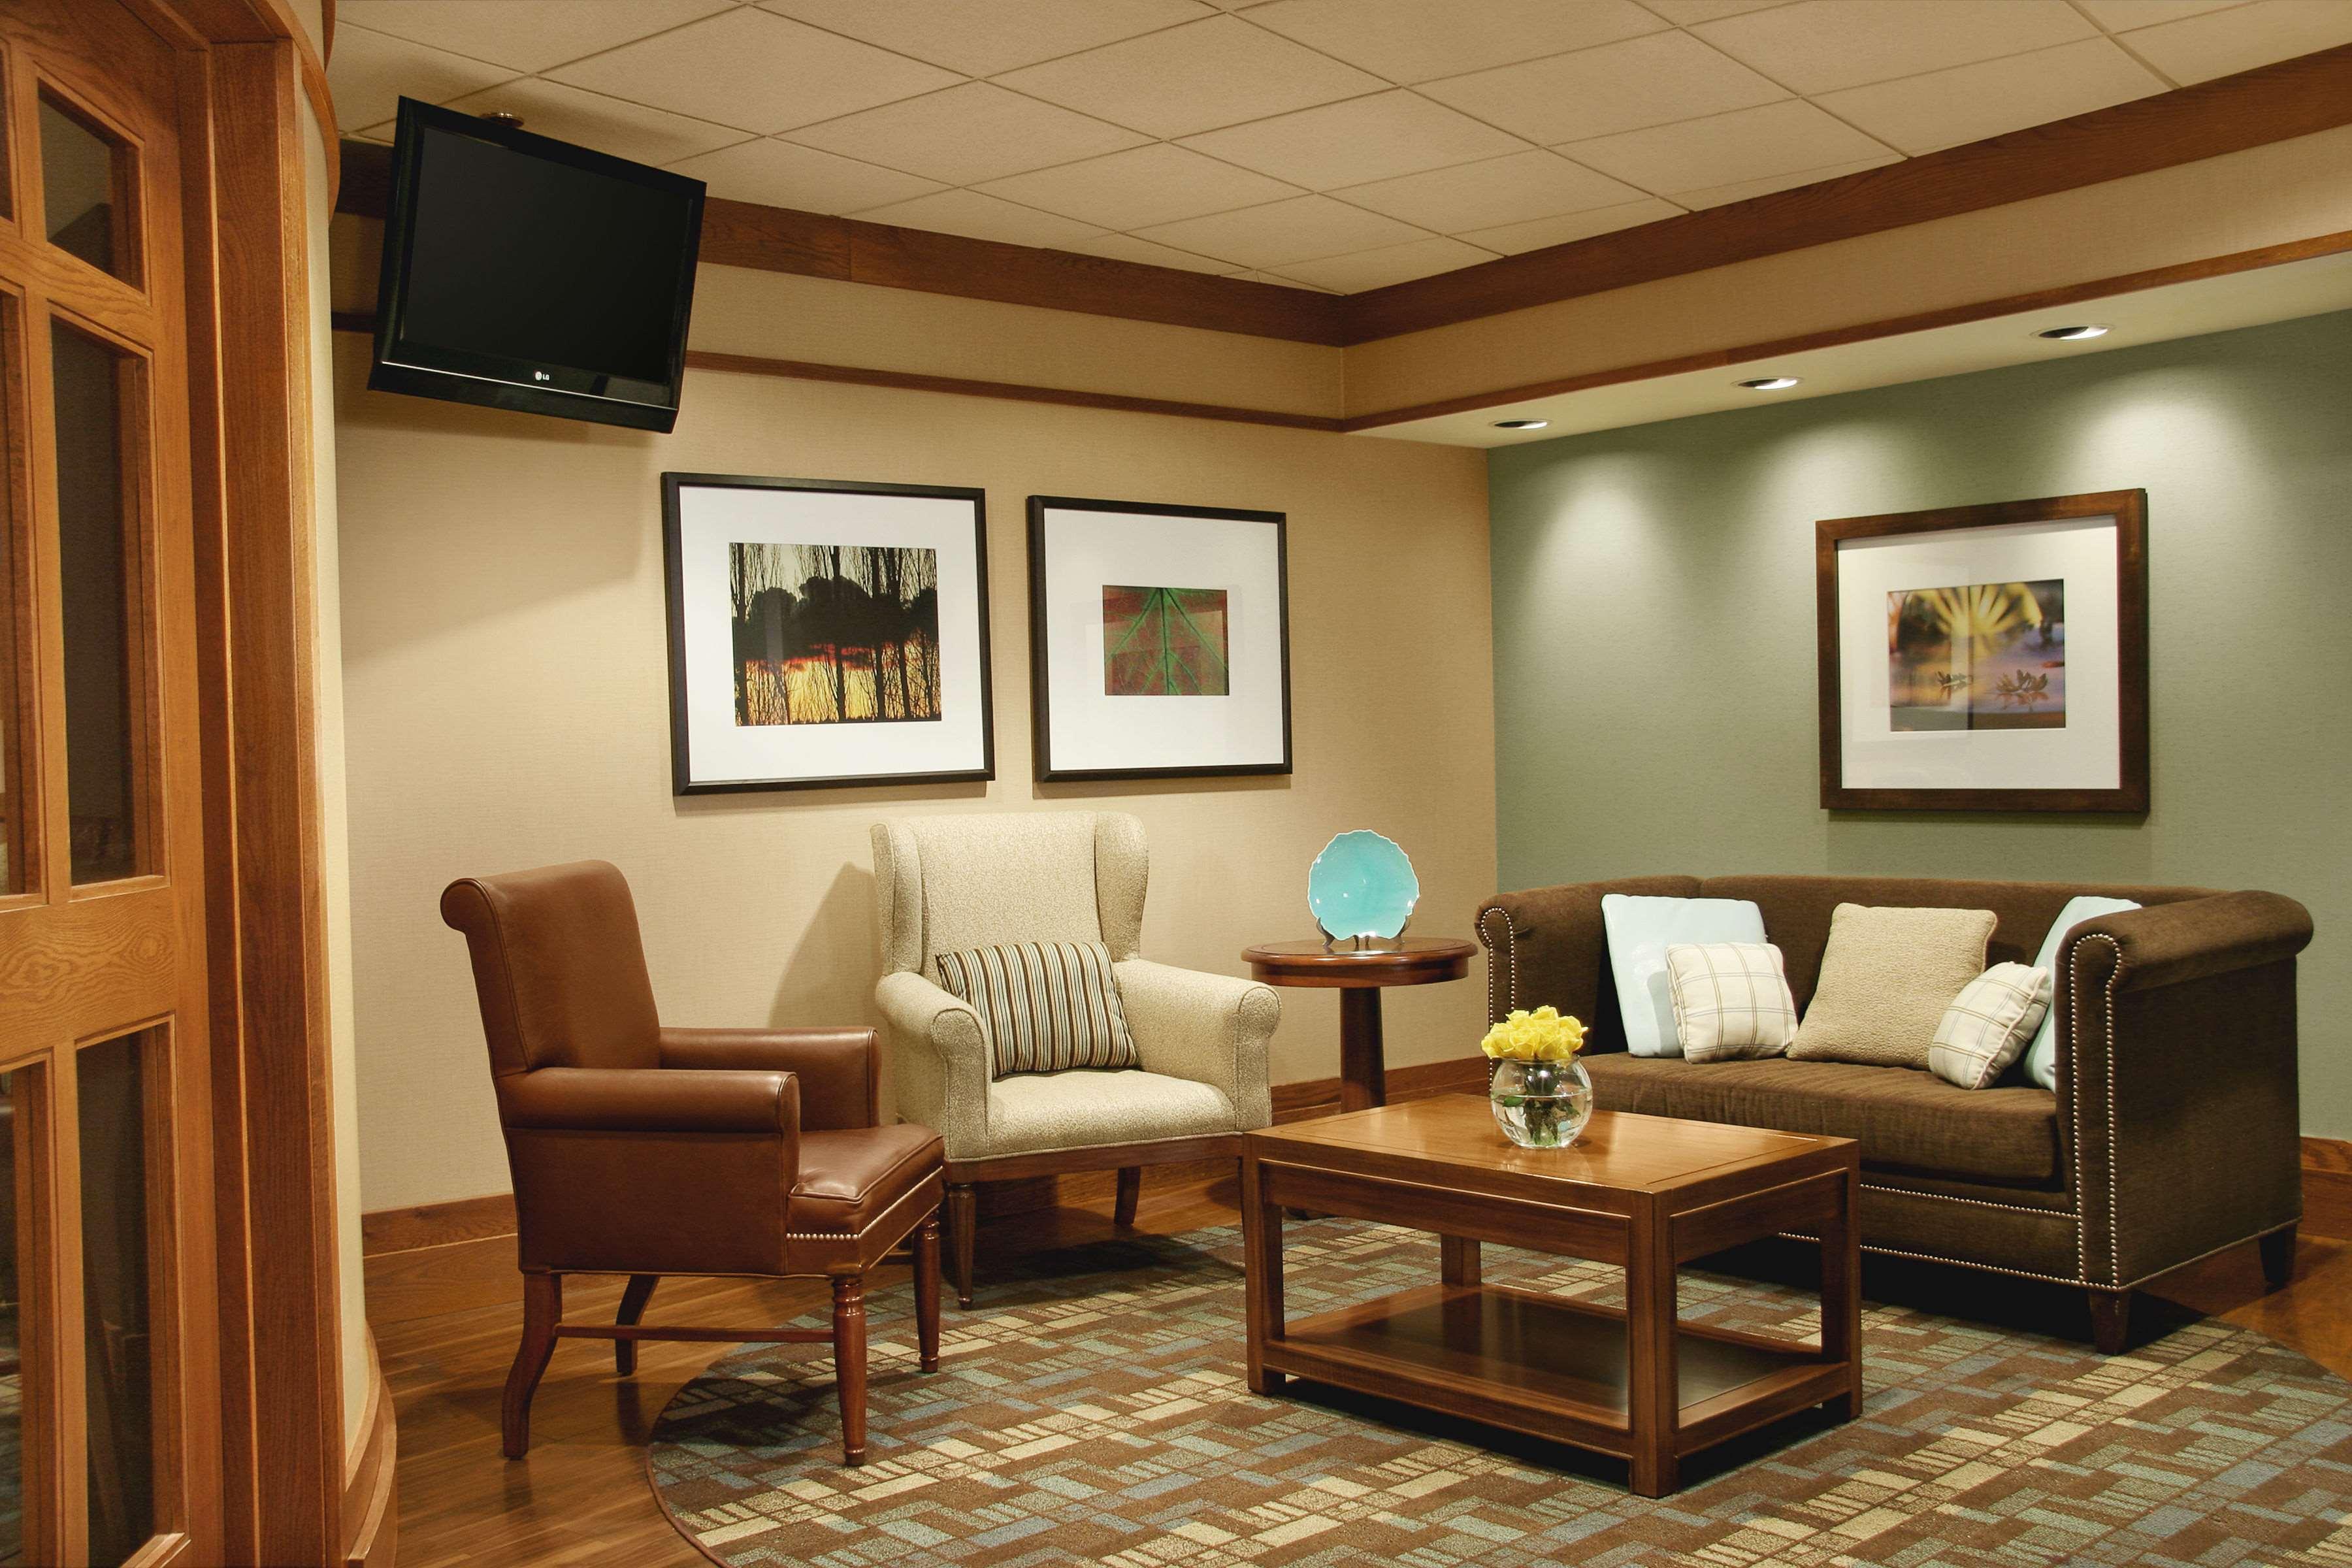 Sheraton Madison Hotel image 11